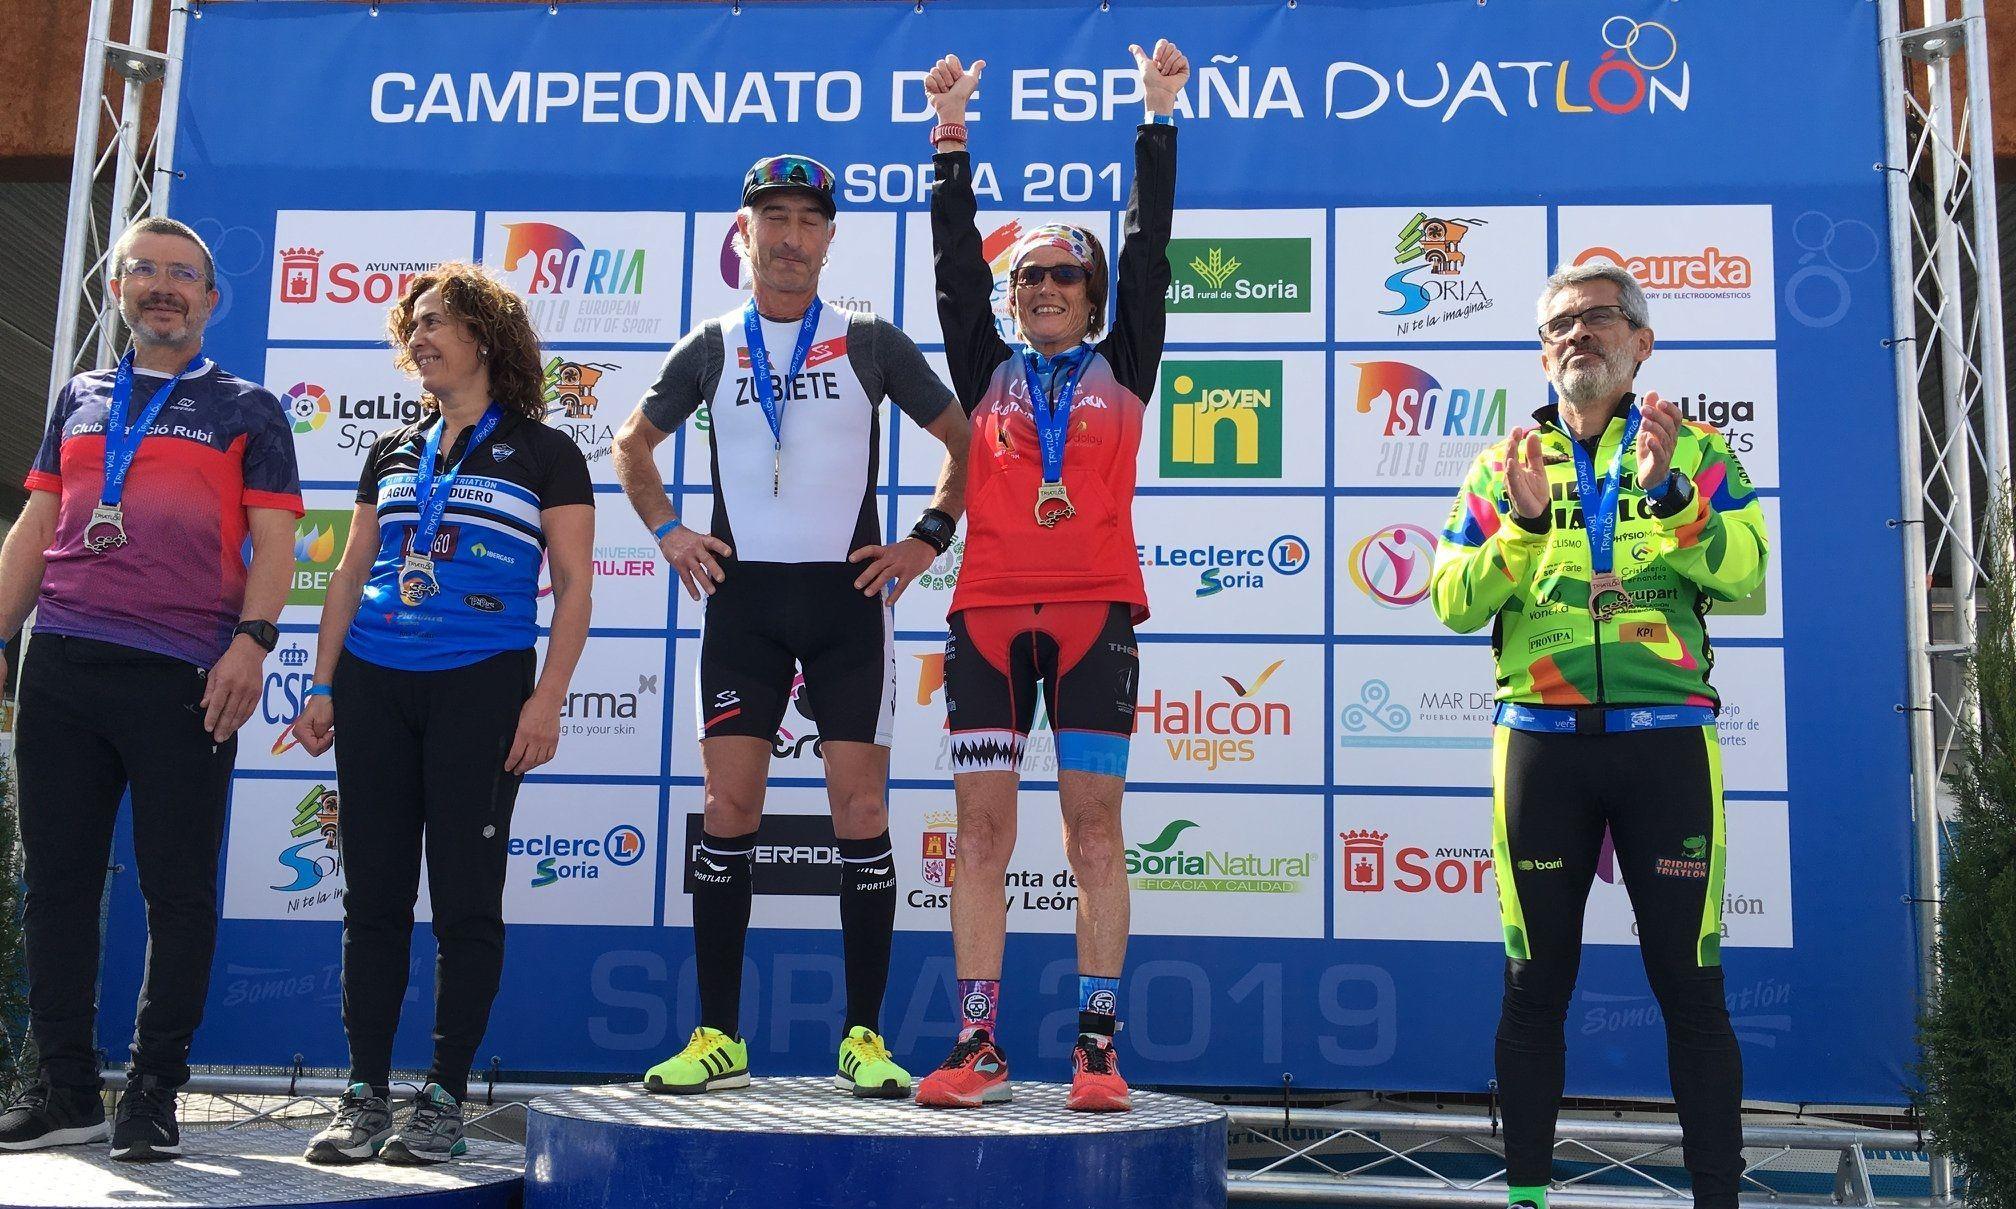 Ricard Valenzuela es proclama subcampió d'Espanya per grups d'edat en el Campionat d'Espanya de Duatló